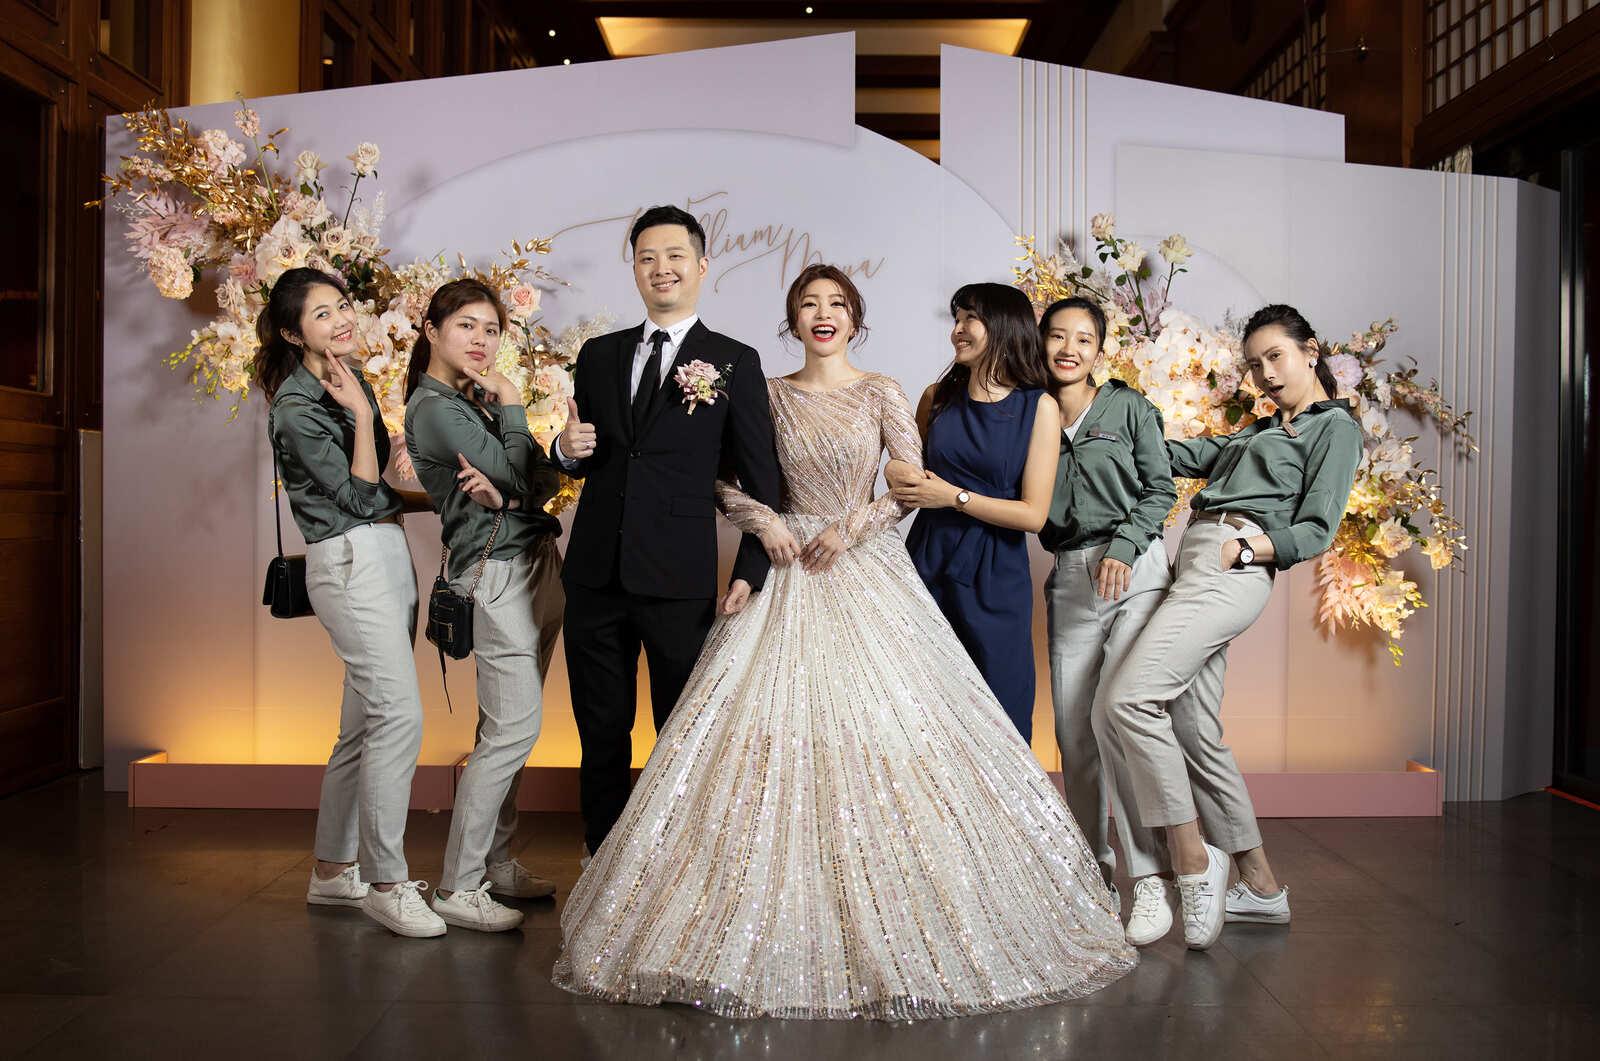 婚禮顧問統籌團隊